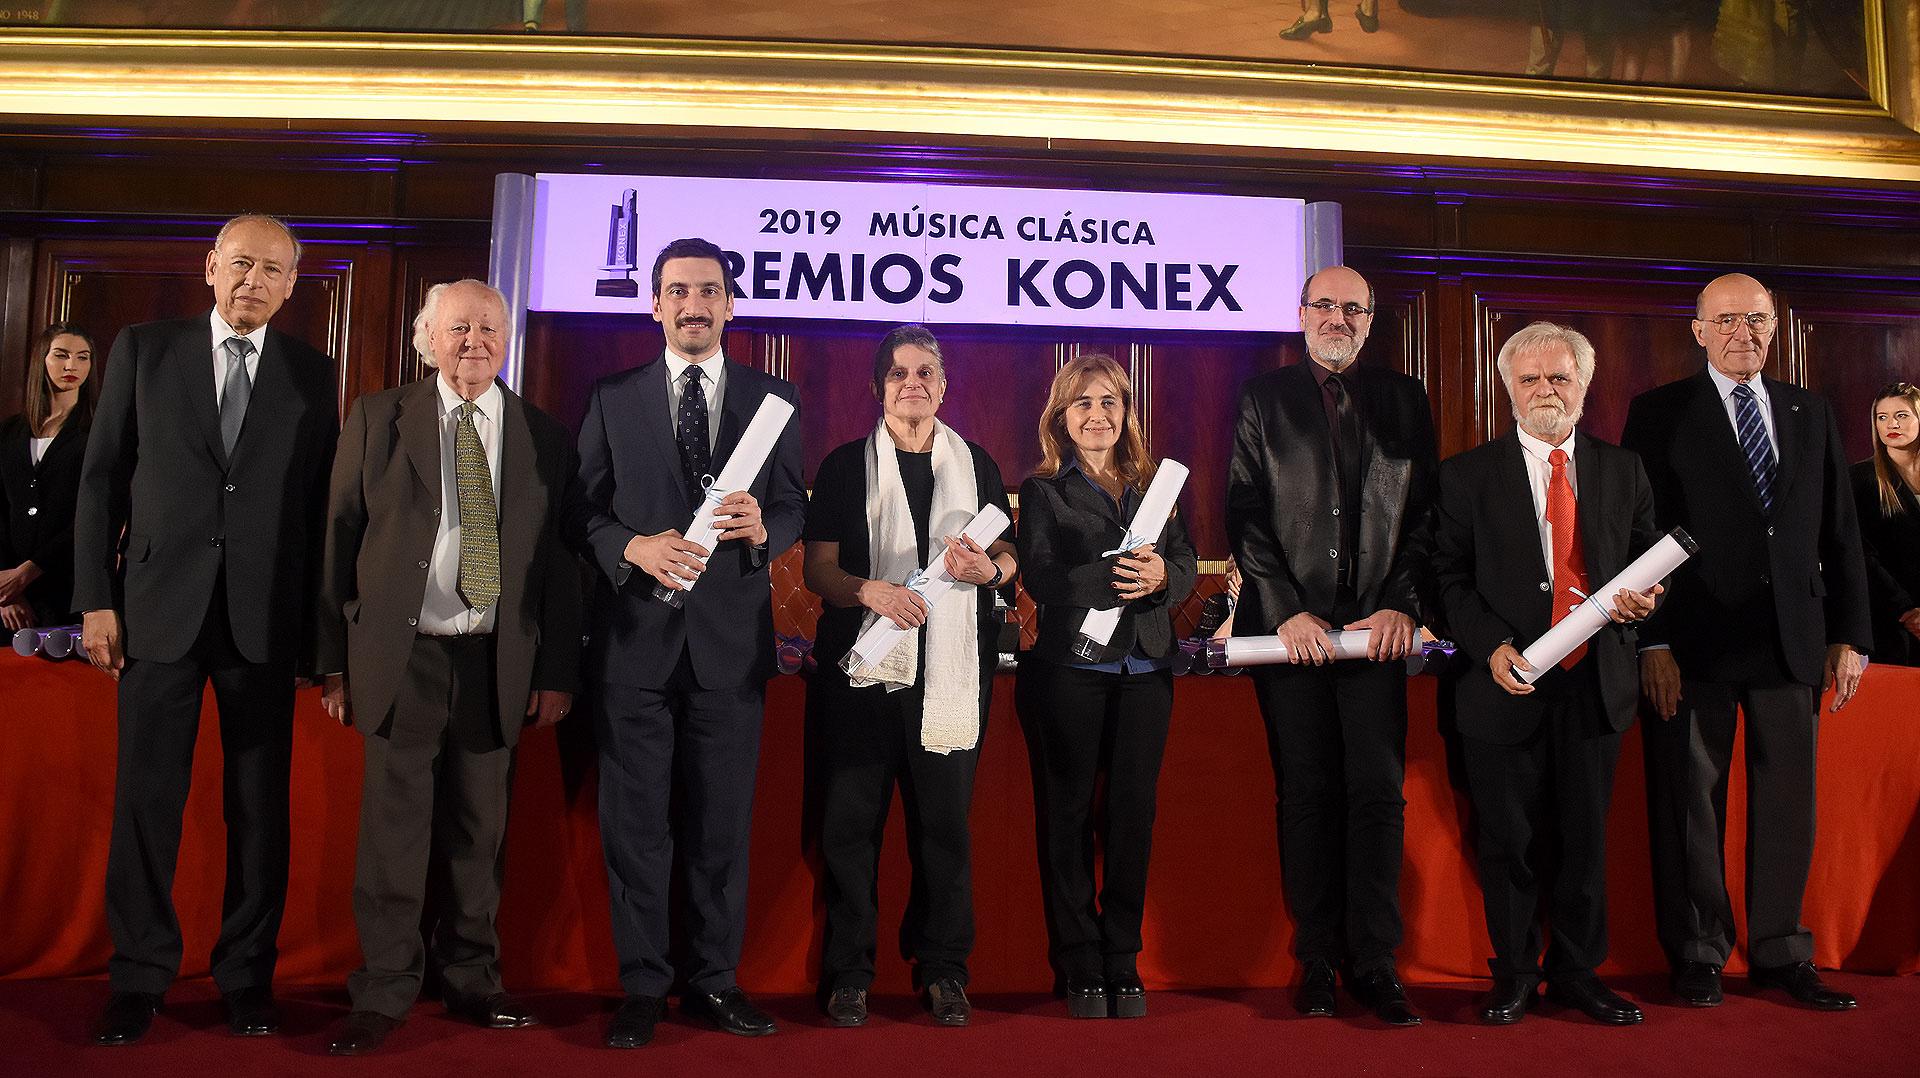 En la terna pianista, por Ingrid Fliter María Elena Hartung, Antonio Formaro, por Nelson Goerner su hermana María Silvia, Fernando Pérez y Daniel Riviera